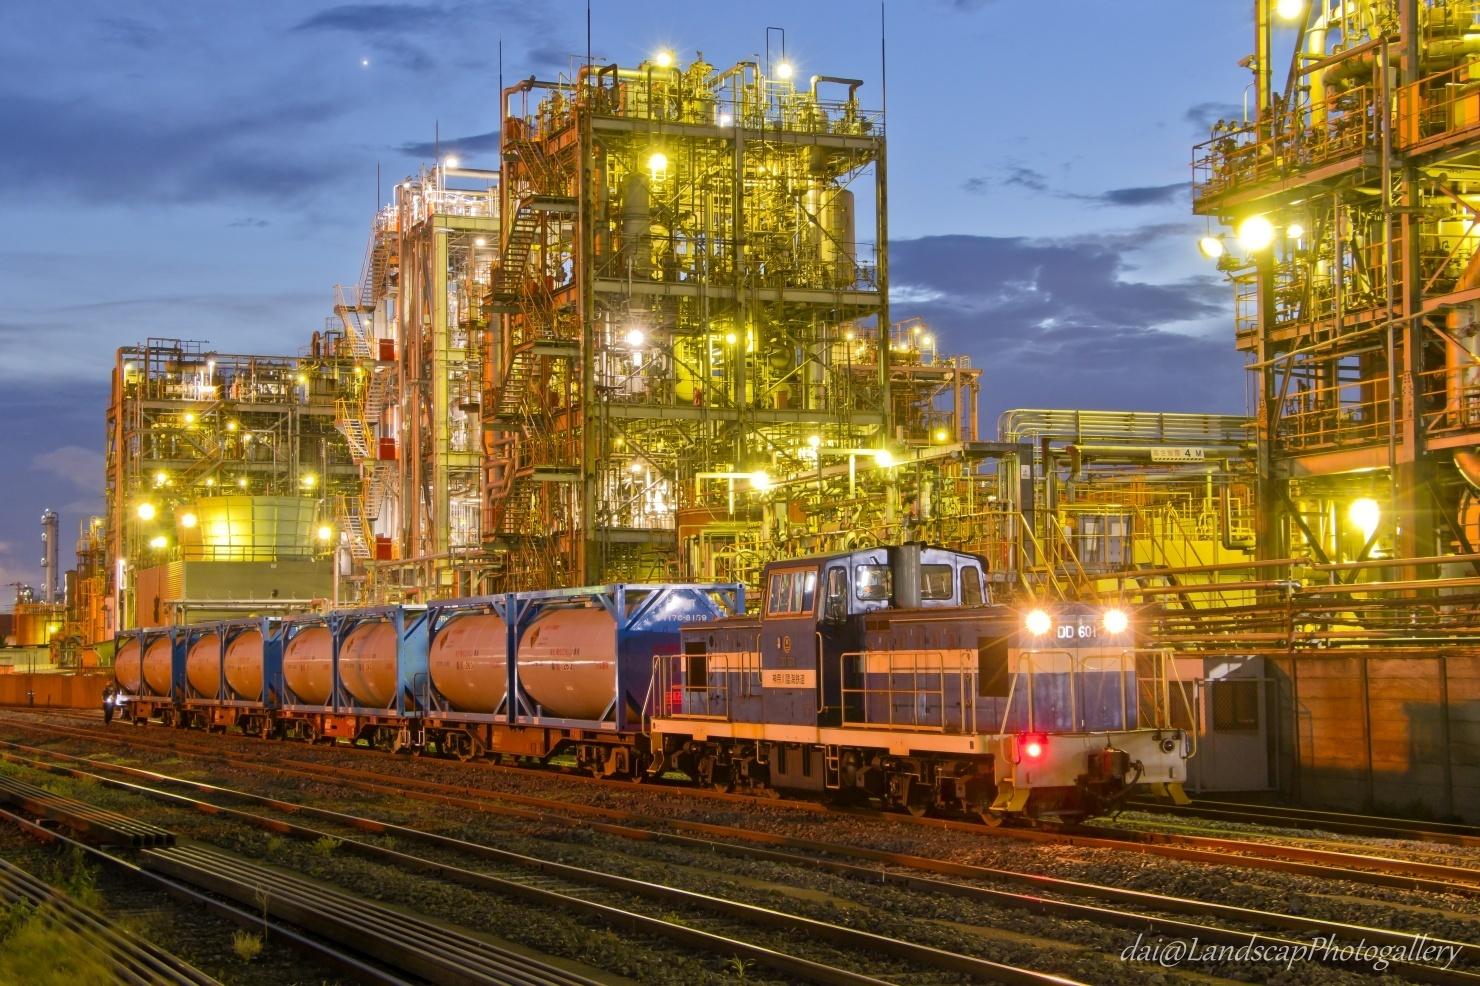 工場夜景と神奈川臨海鉄道貨物列車